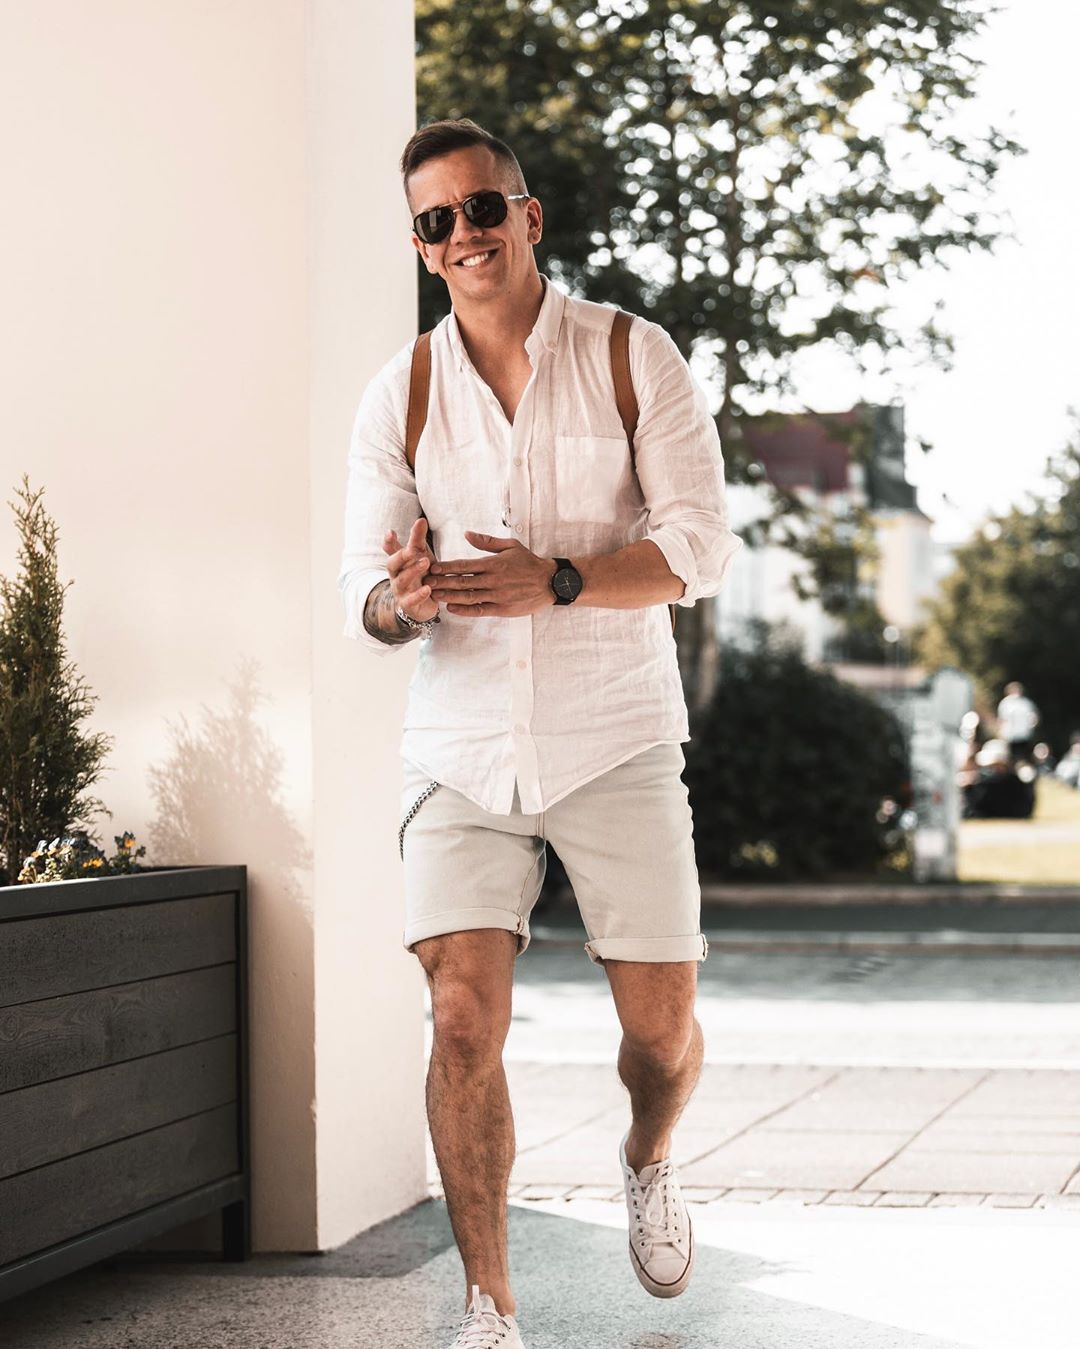 3 gợi ý phối quần short cùng áo sơ mi giúp chàng xuống phố mạnh mẽ